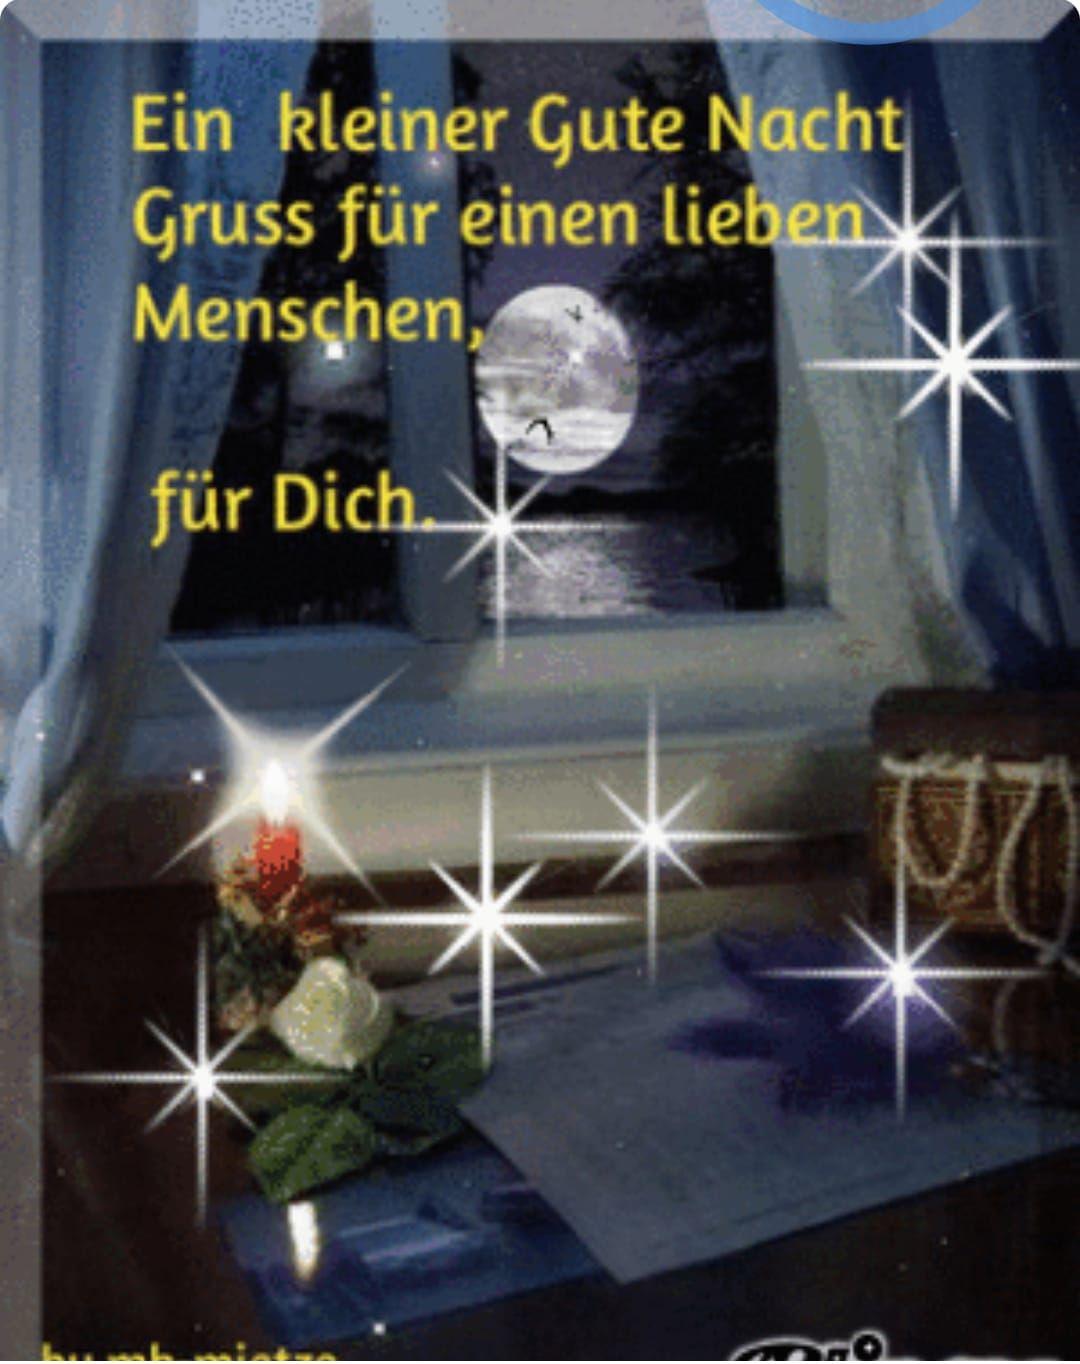 Pin Von Hodlildikogabriella Auf Alf Liebe Grusse Zum Abend In 2020 Gute Nacht Grusse Nacht Grusse Gute Nacht Freunde